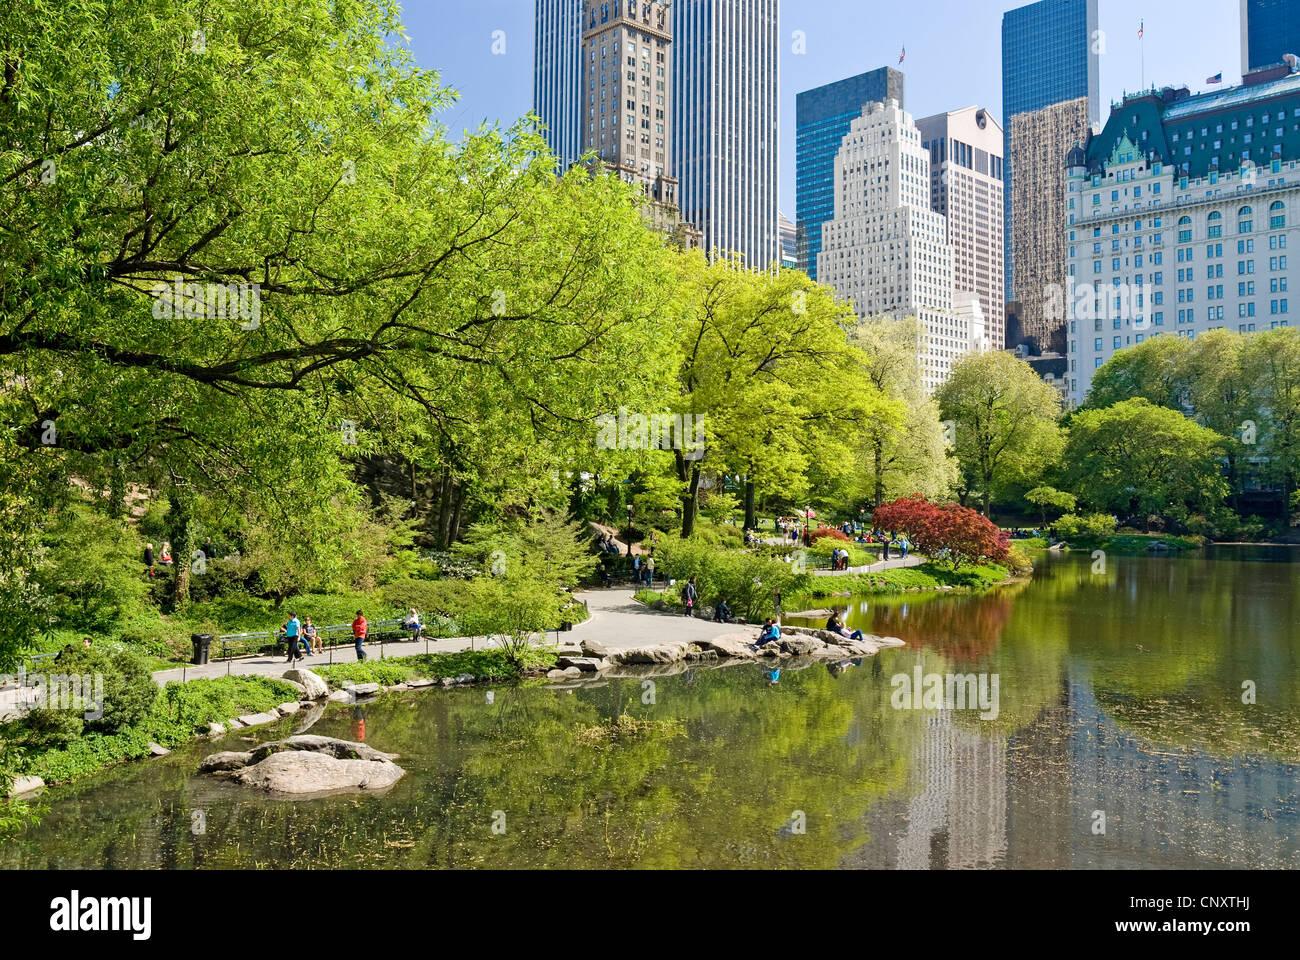 Il Central Park di New York City in primavera con il Plaza Hotel. Immagini Stock